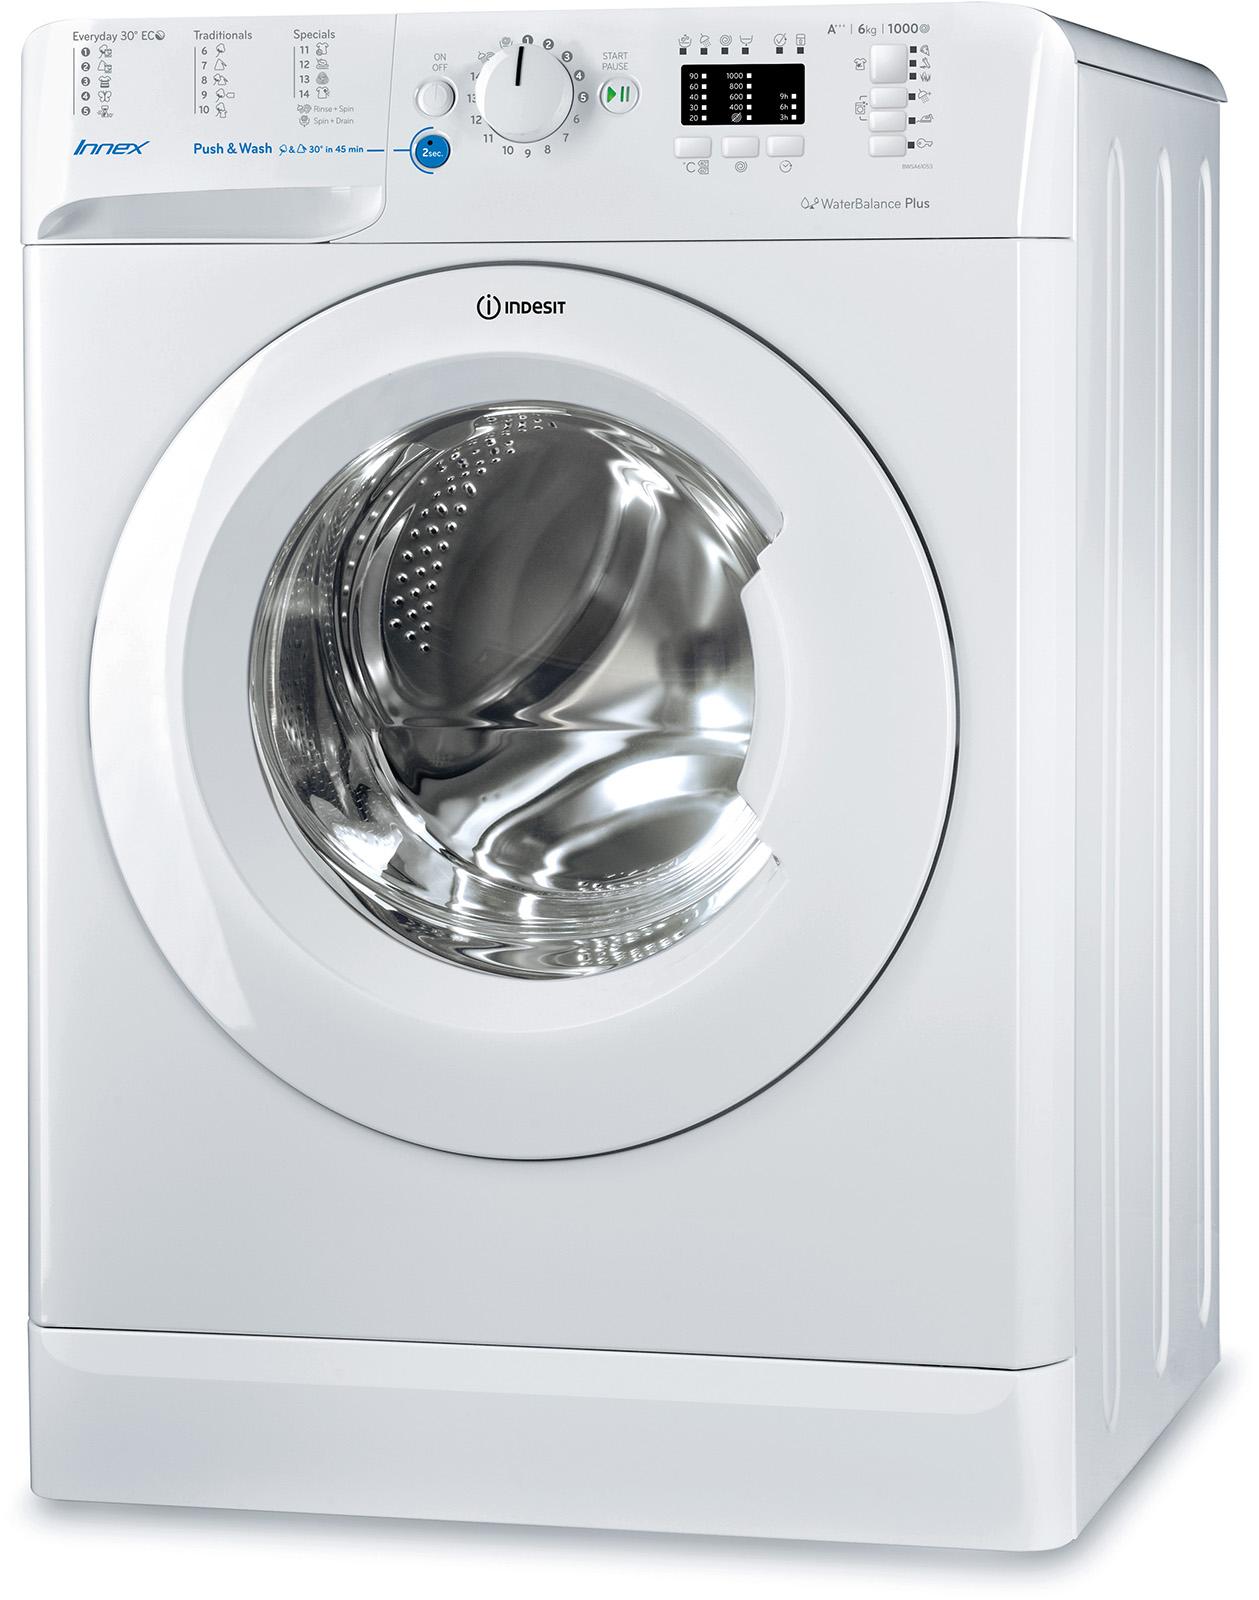 Lavatrici slim, con profondità o larghezza anche solo di 40 cm